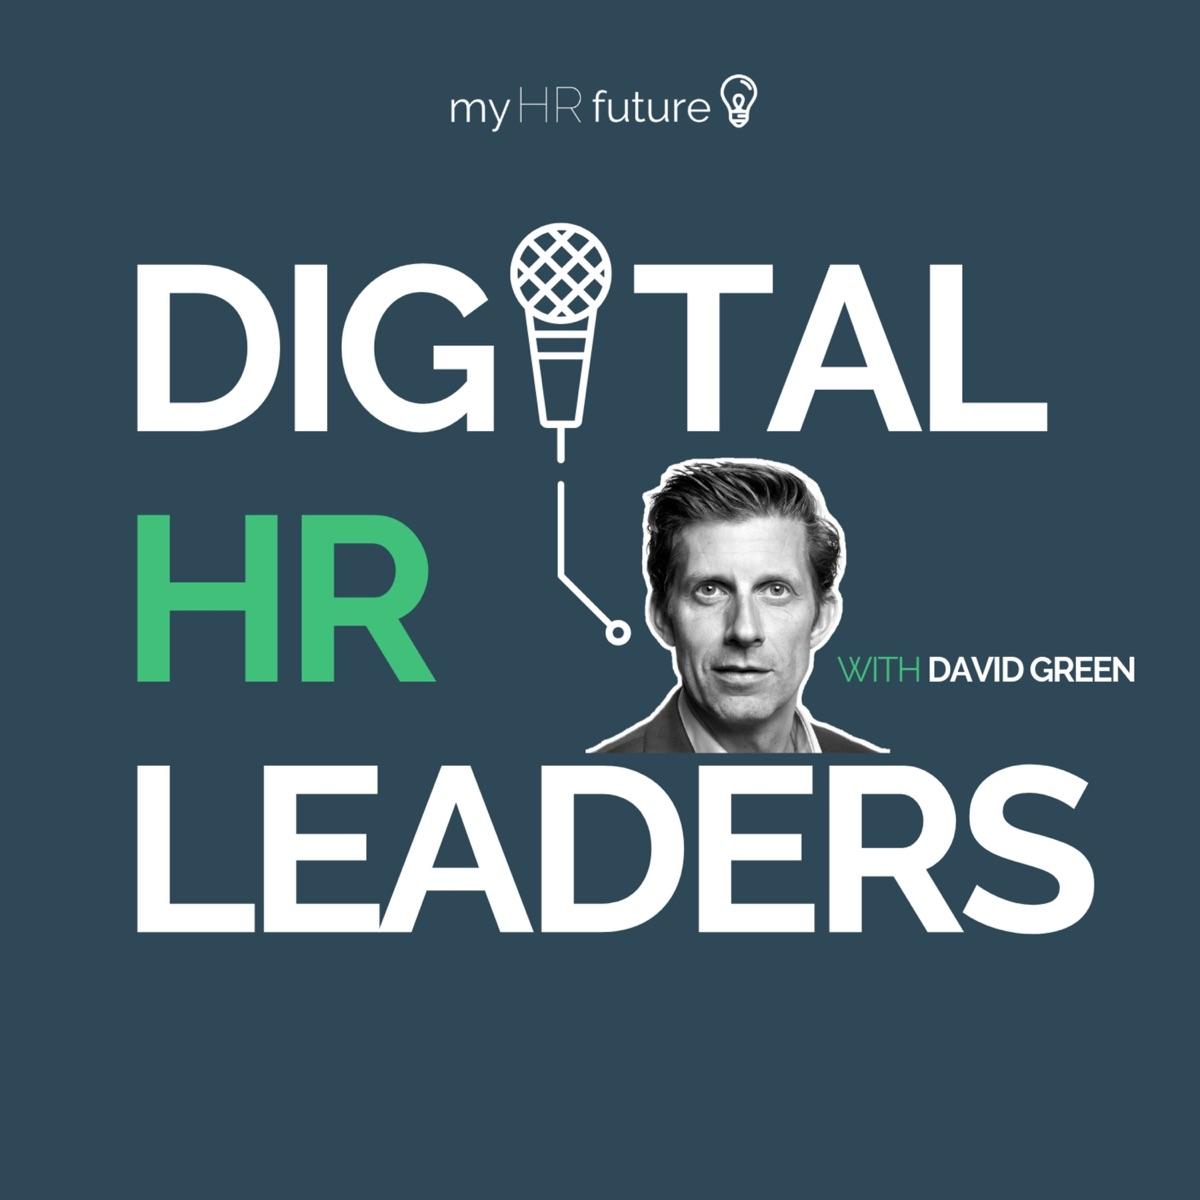 Digital HR Leaders